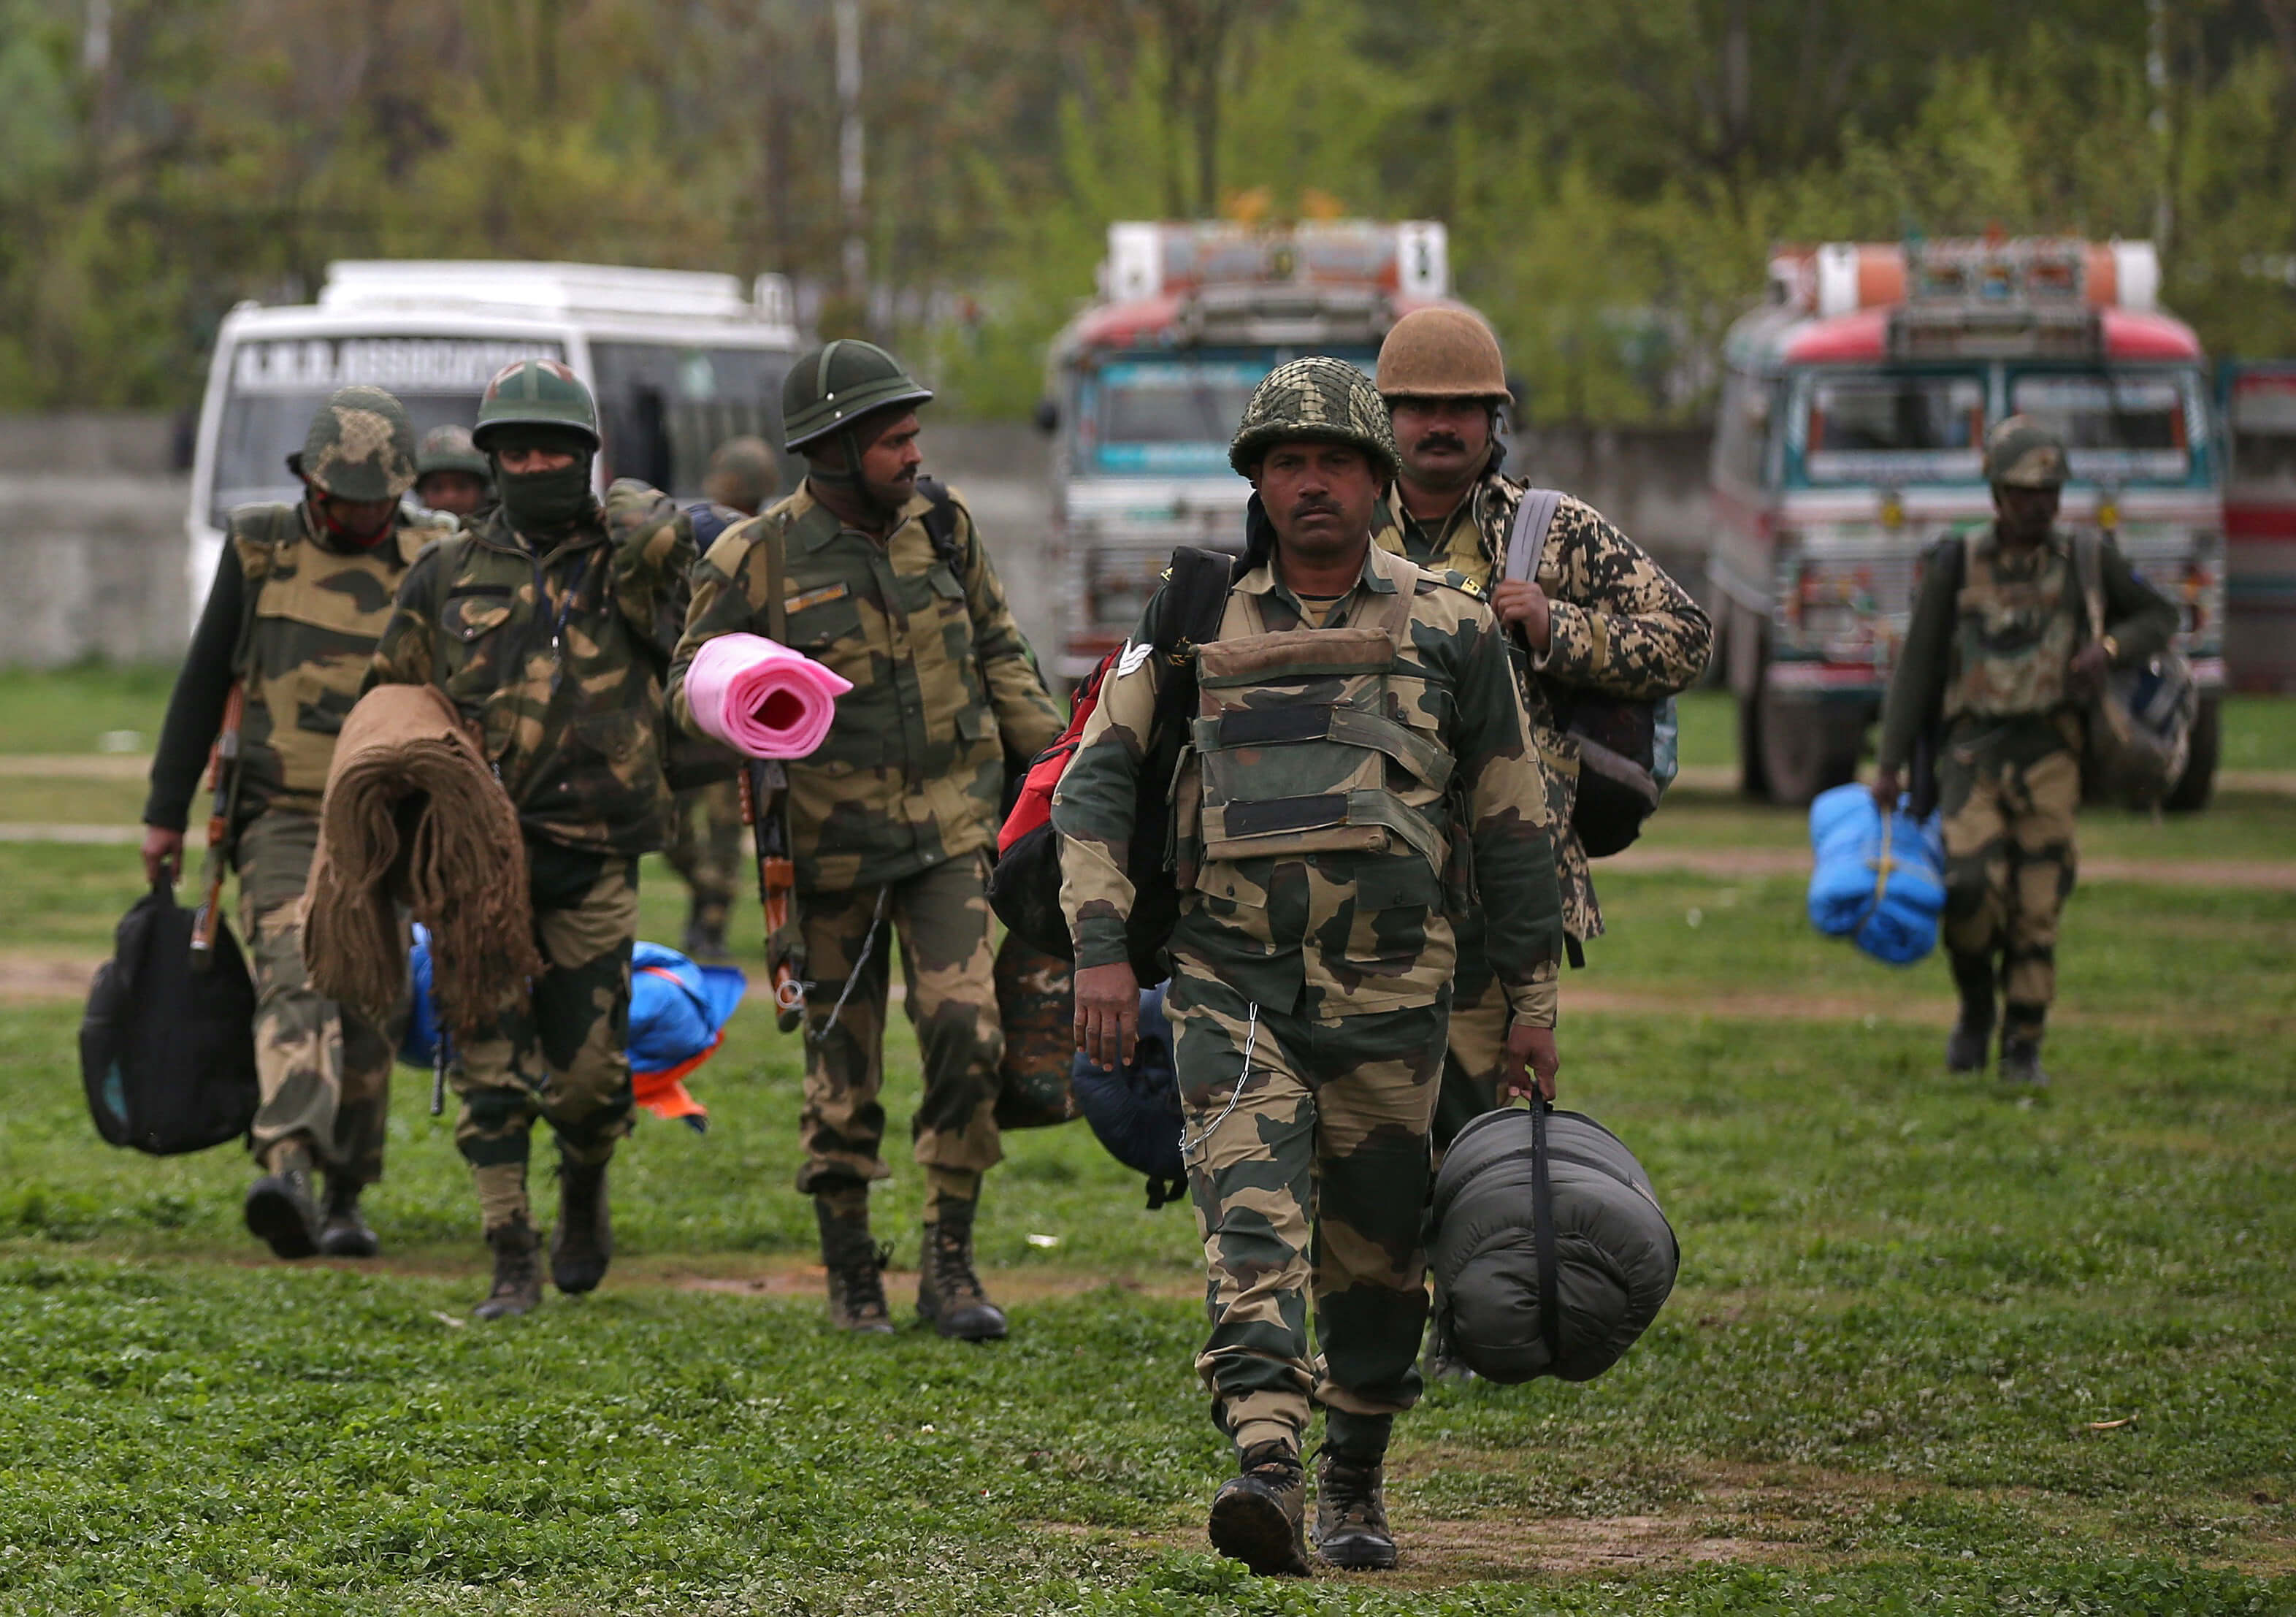 Μακελειό στην Ινδία –  Βομβιστική επίθεση μαοϊστών ανταρτών εναντίον αστυνομικών – Τουλάχιστον 16 νεκροί